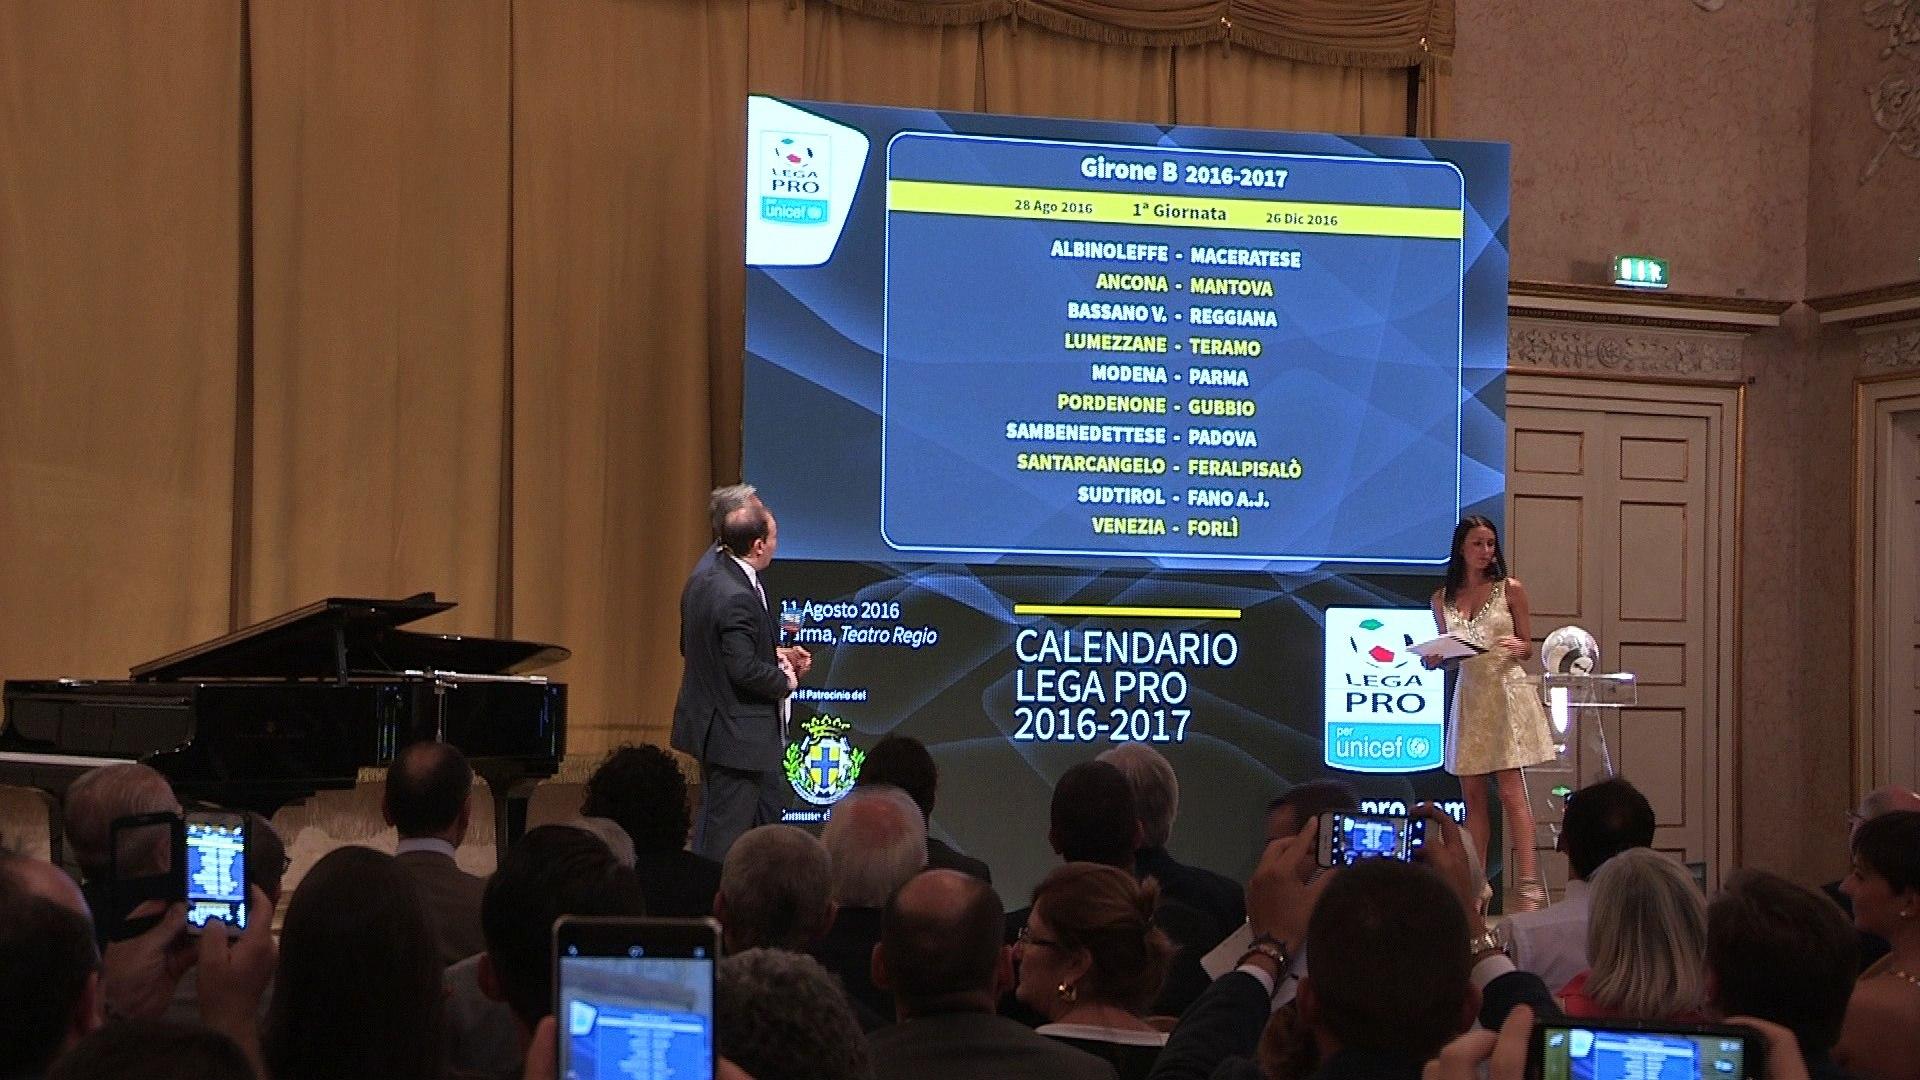 Calendario Parma Lega Pro.Calendari Lega Pro 2016 2017 Il Commento